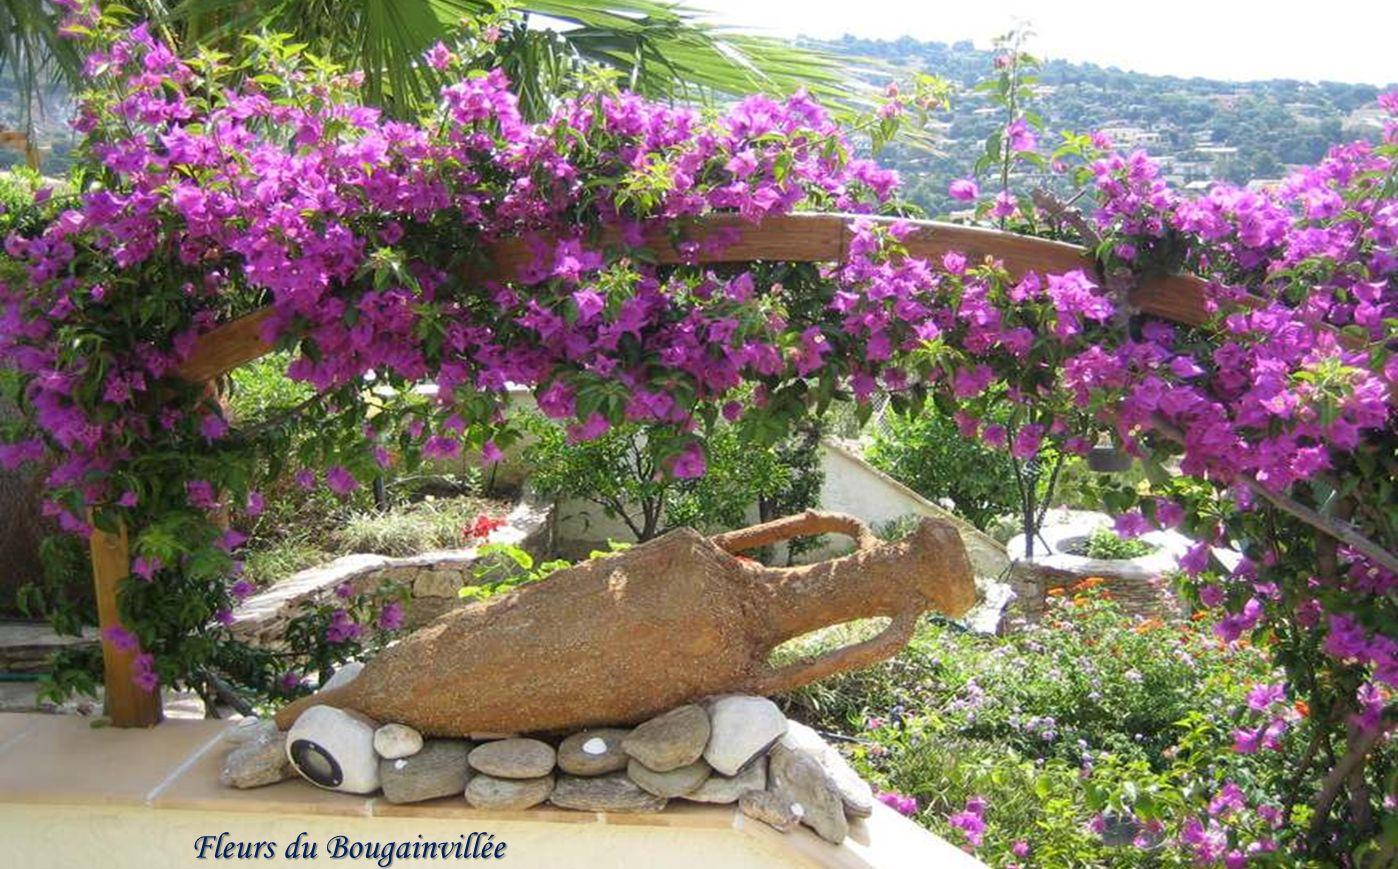 Fleurs du Bougainvillée